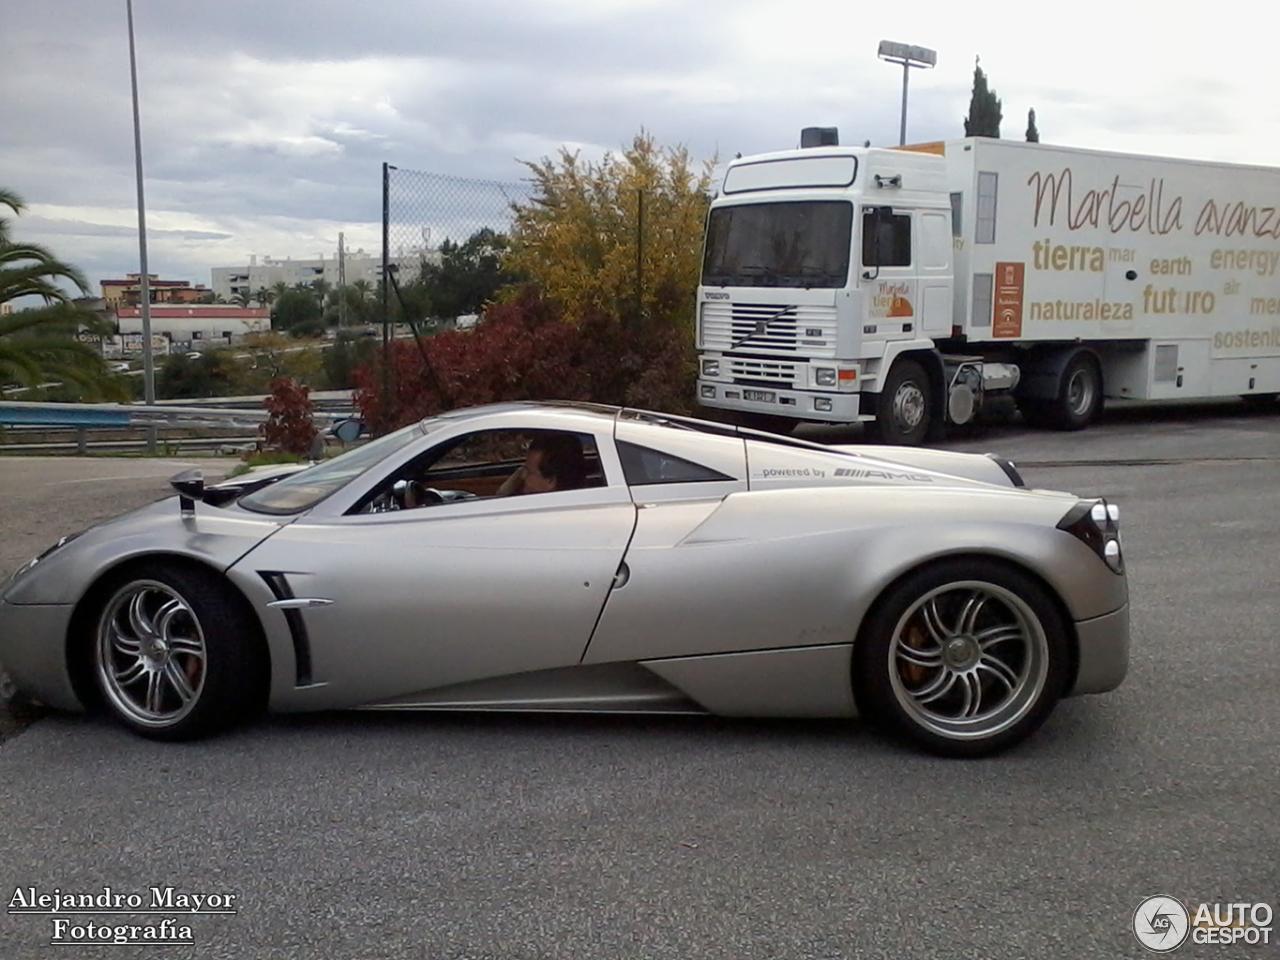 Pagani Huayra For Sale >> Pagani Huayra - 18 November 2012 - Autogespot